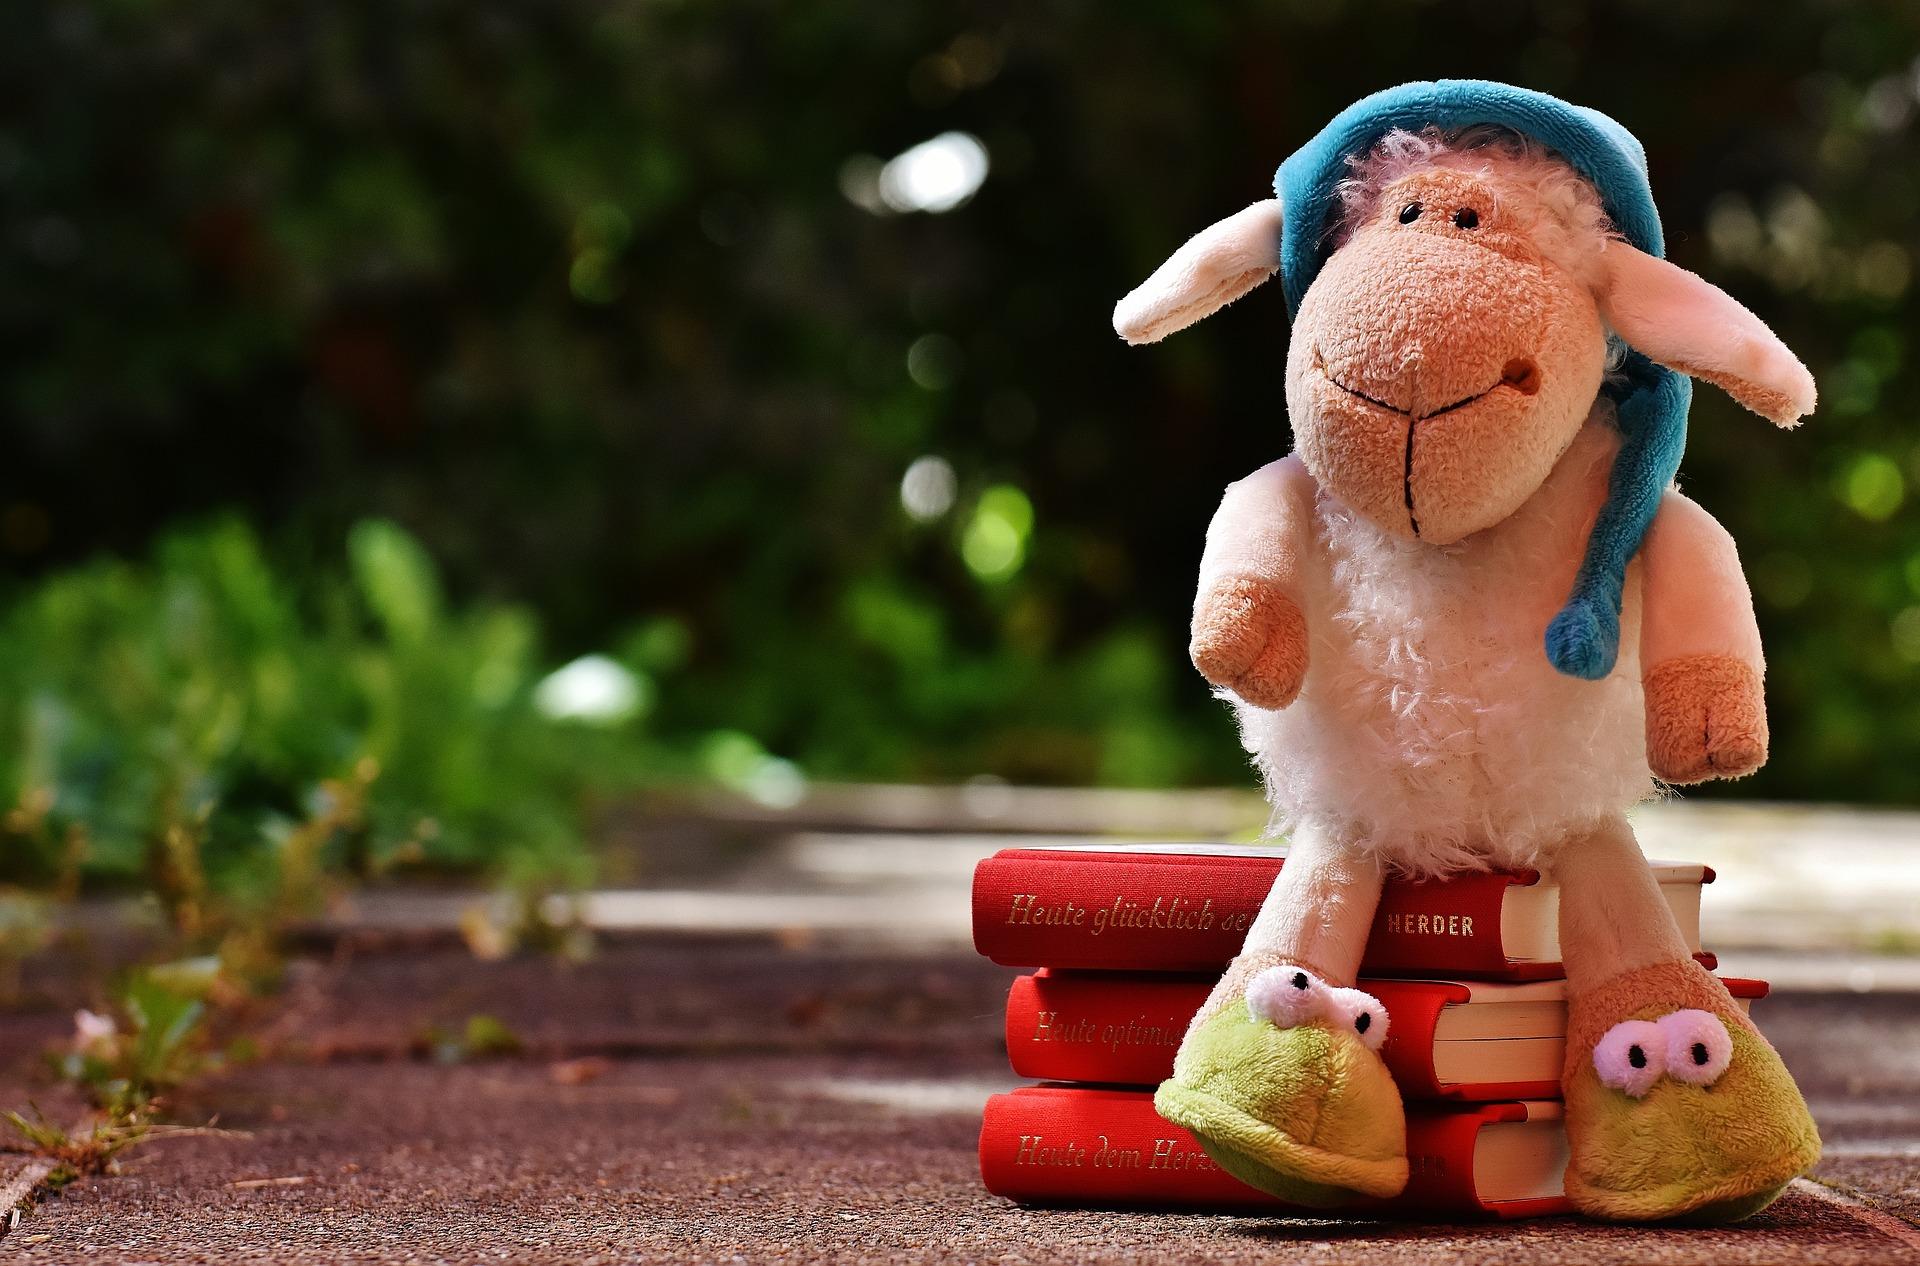 sheep-1592614_1920.jpg